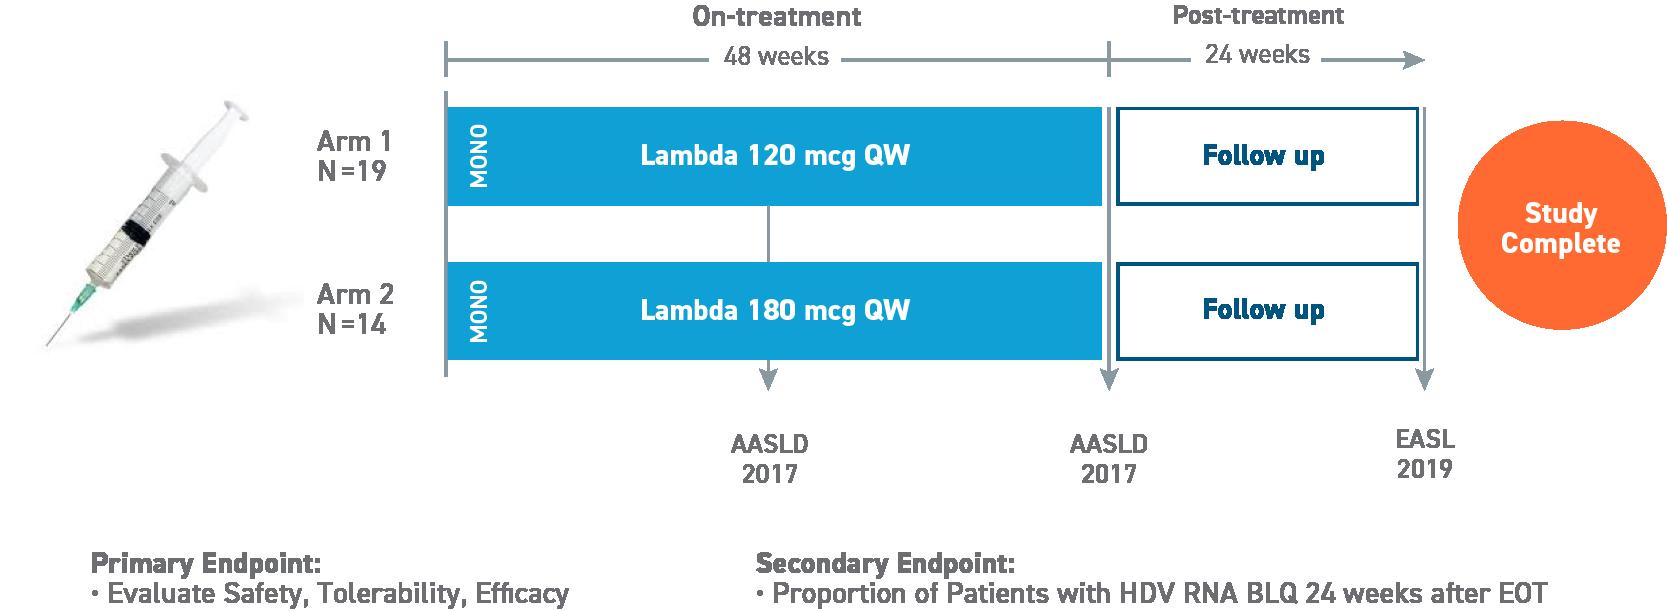 Lambda Monotherapy Study